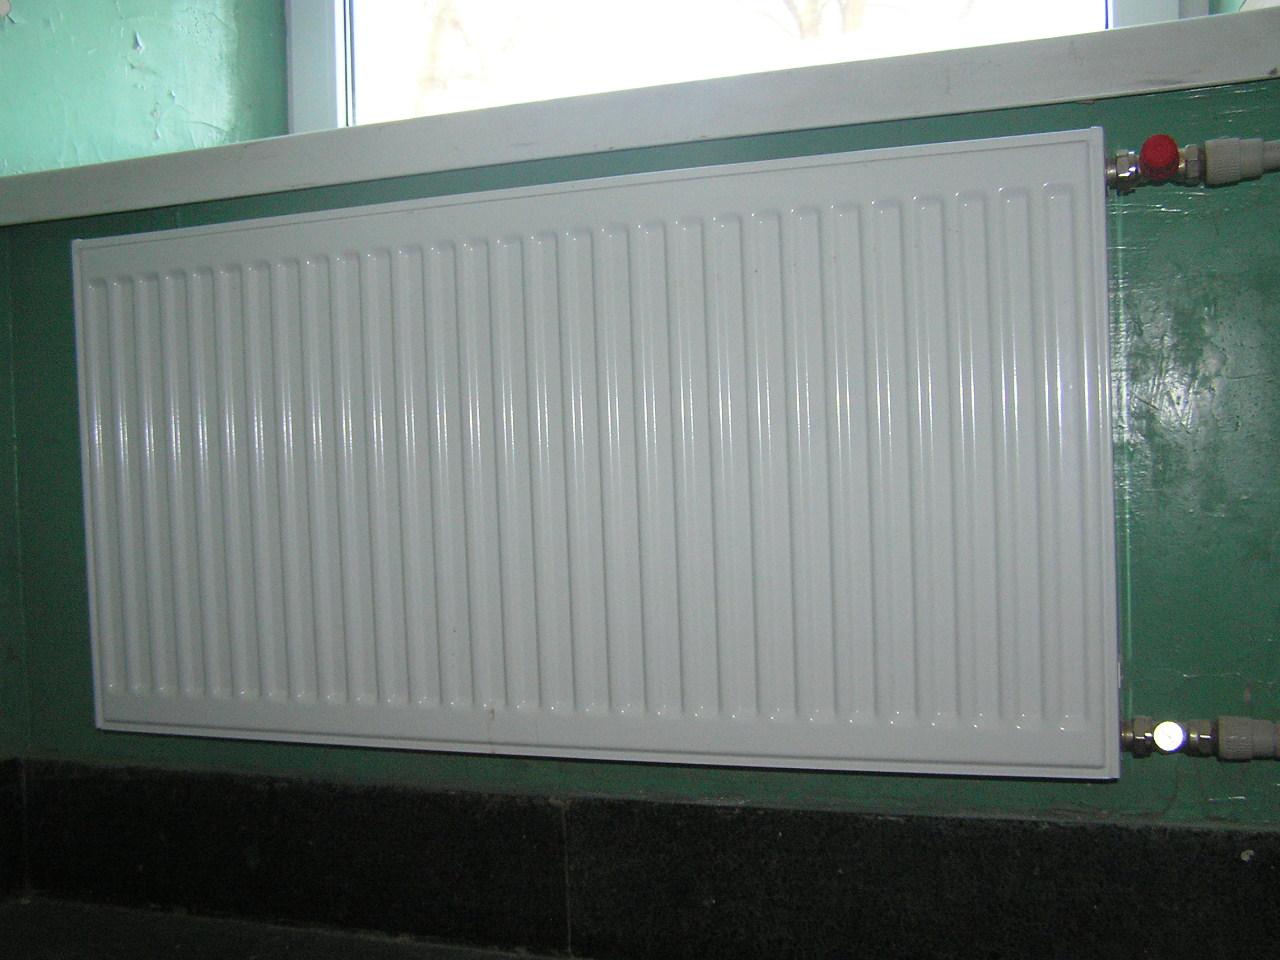 Grochowska 233 doposażona w instalację centralnego ogrzewania